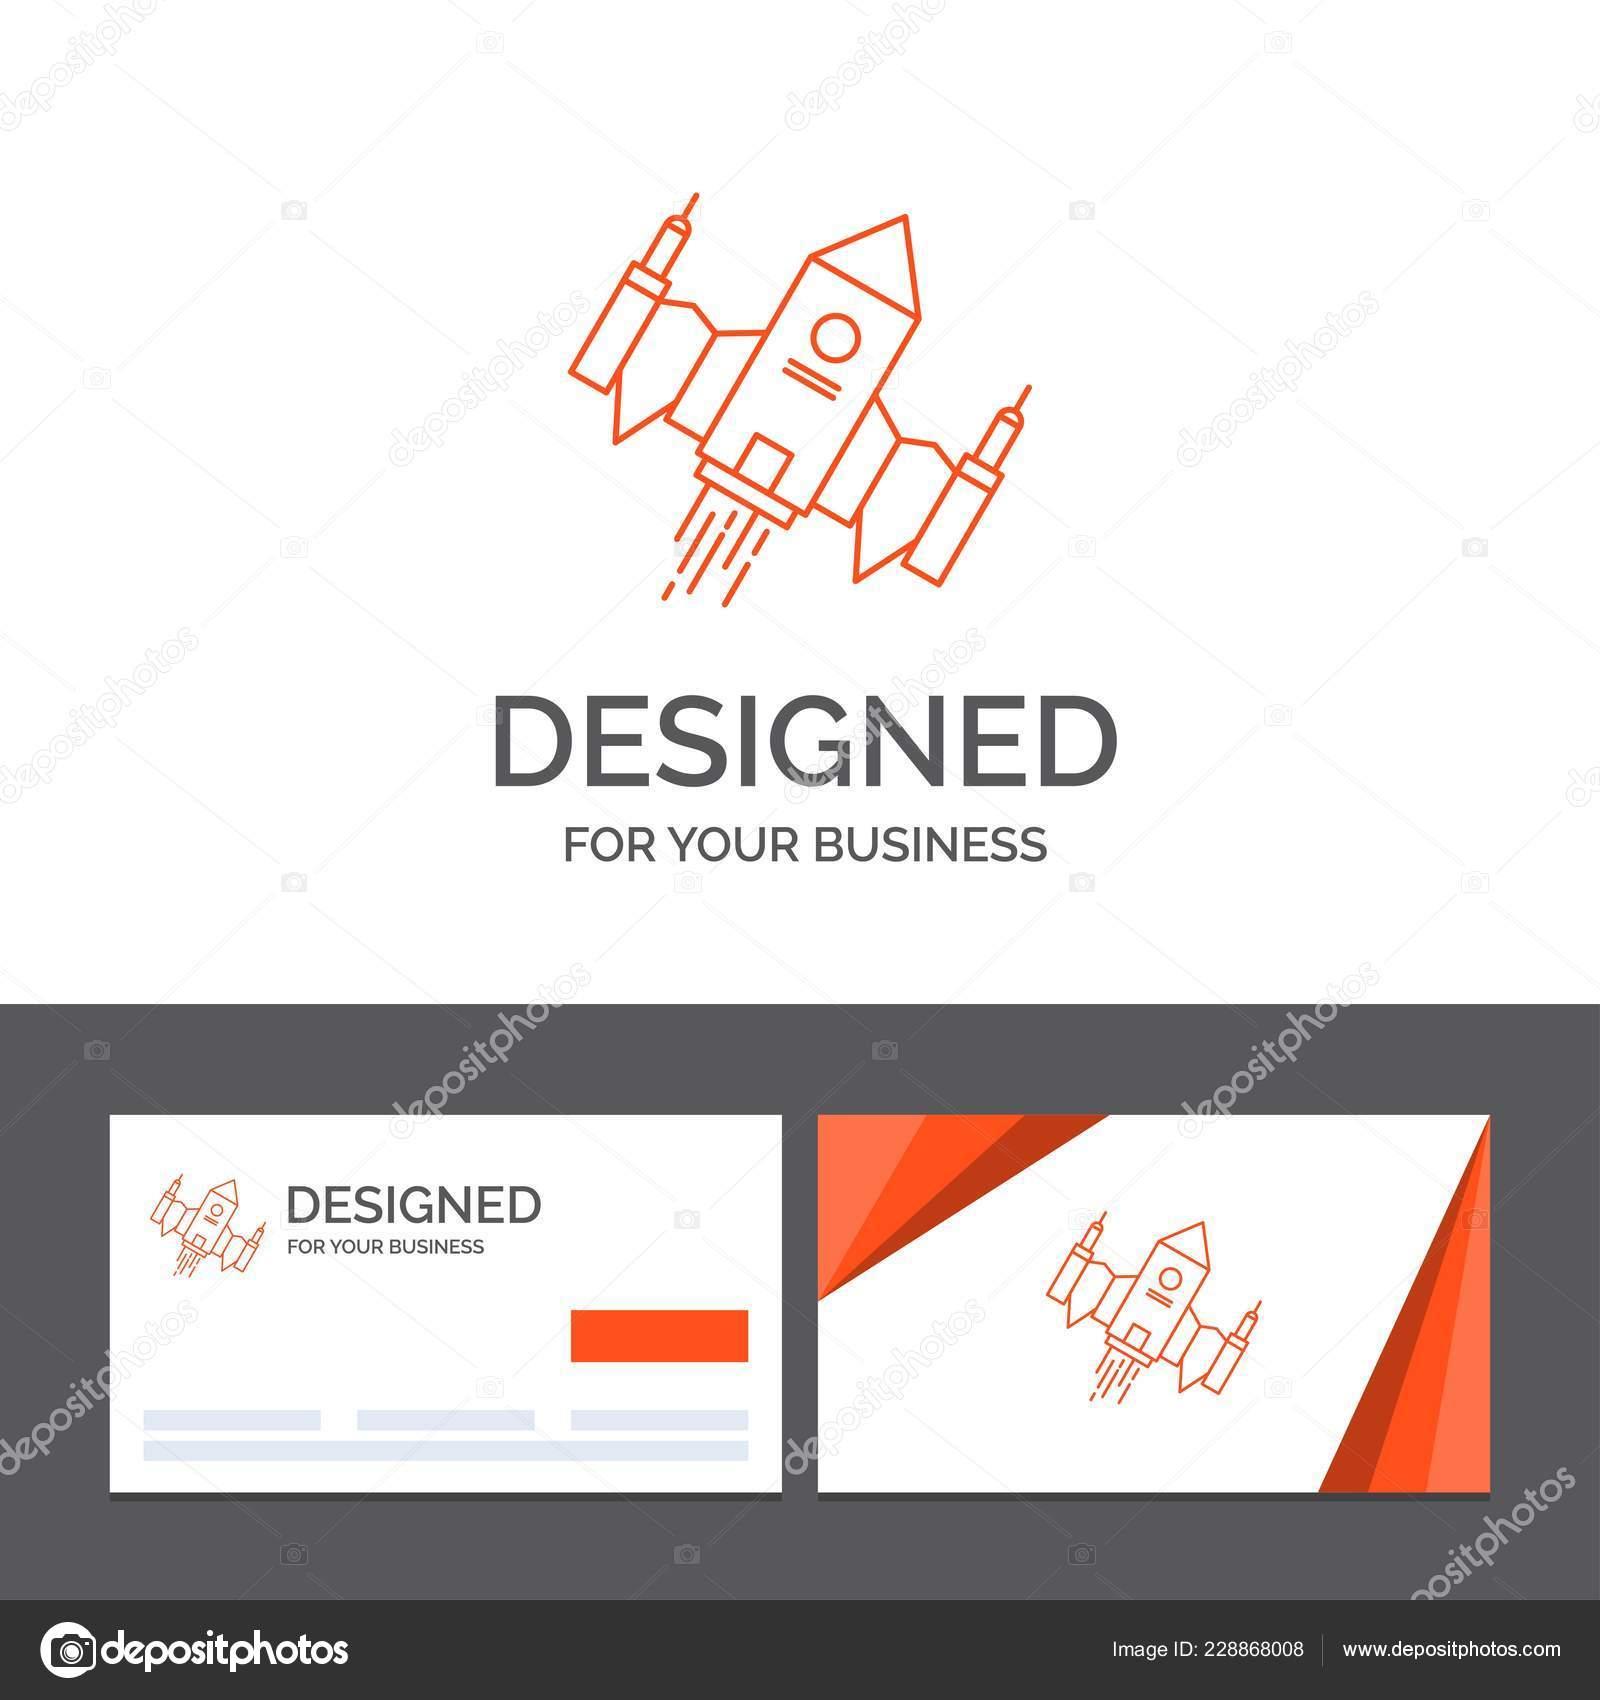 Modele De Logo Metier Pour Lespace Alien Navire Vaisseau Spatial Cartes Visite Orange Avec Marque Vecteur